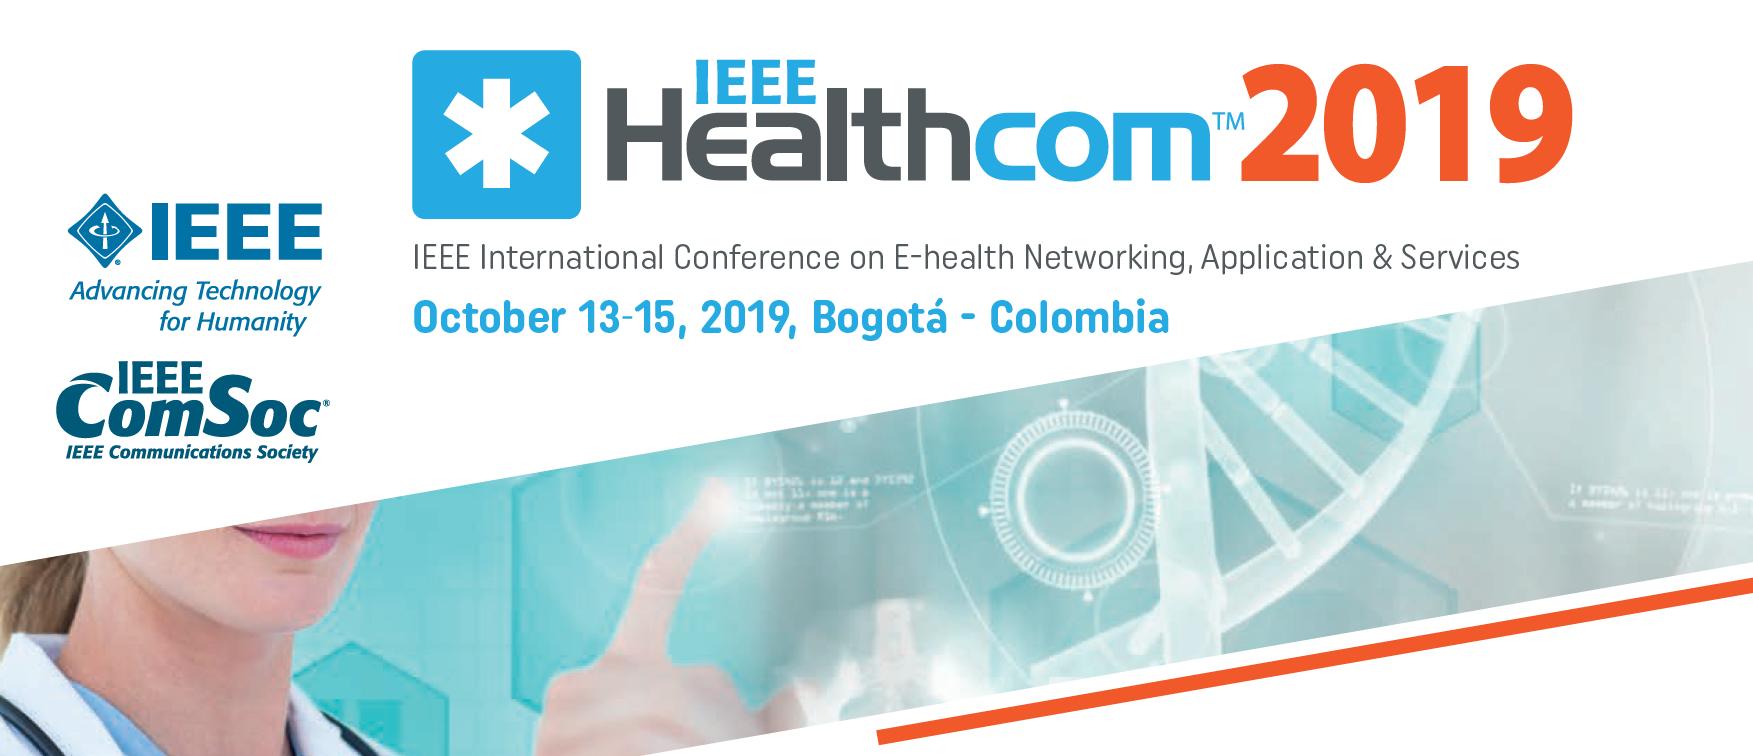 IEEE Healthcom 2019